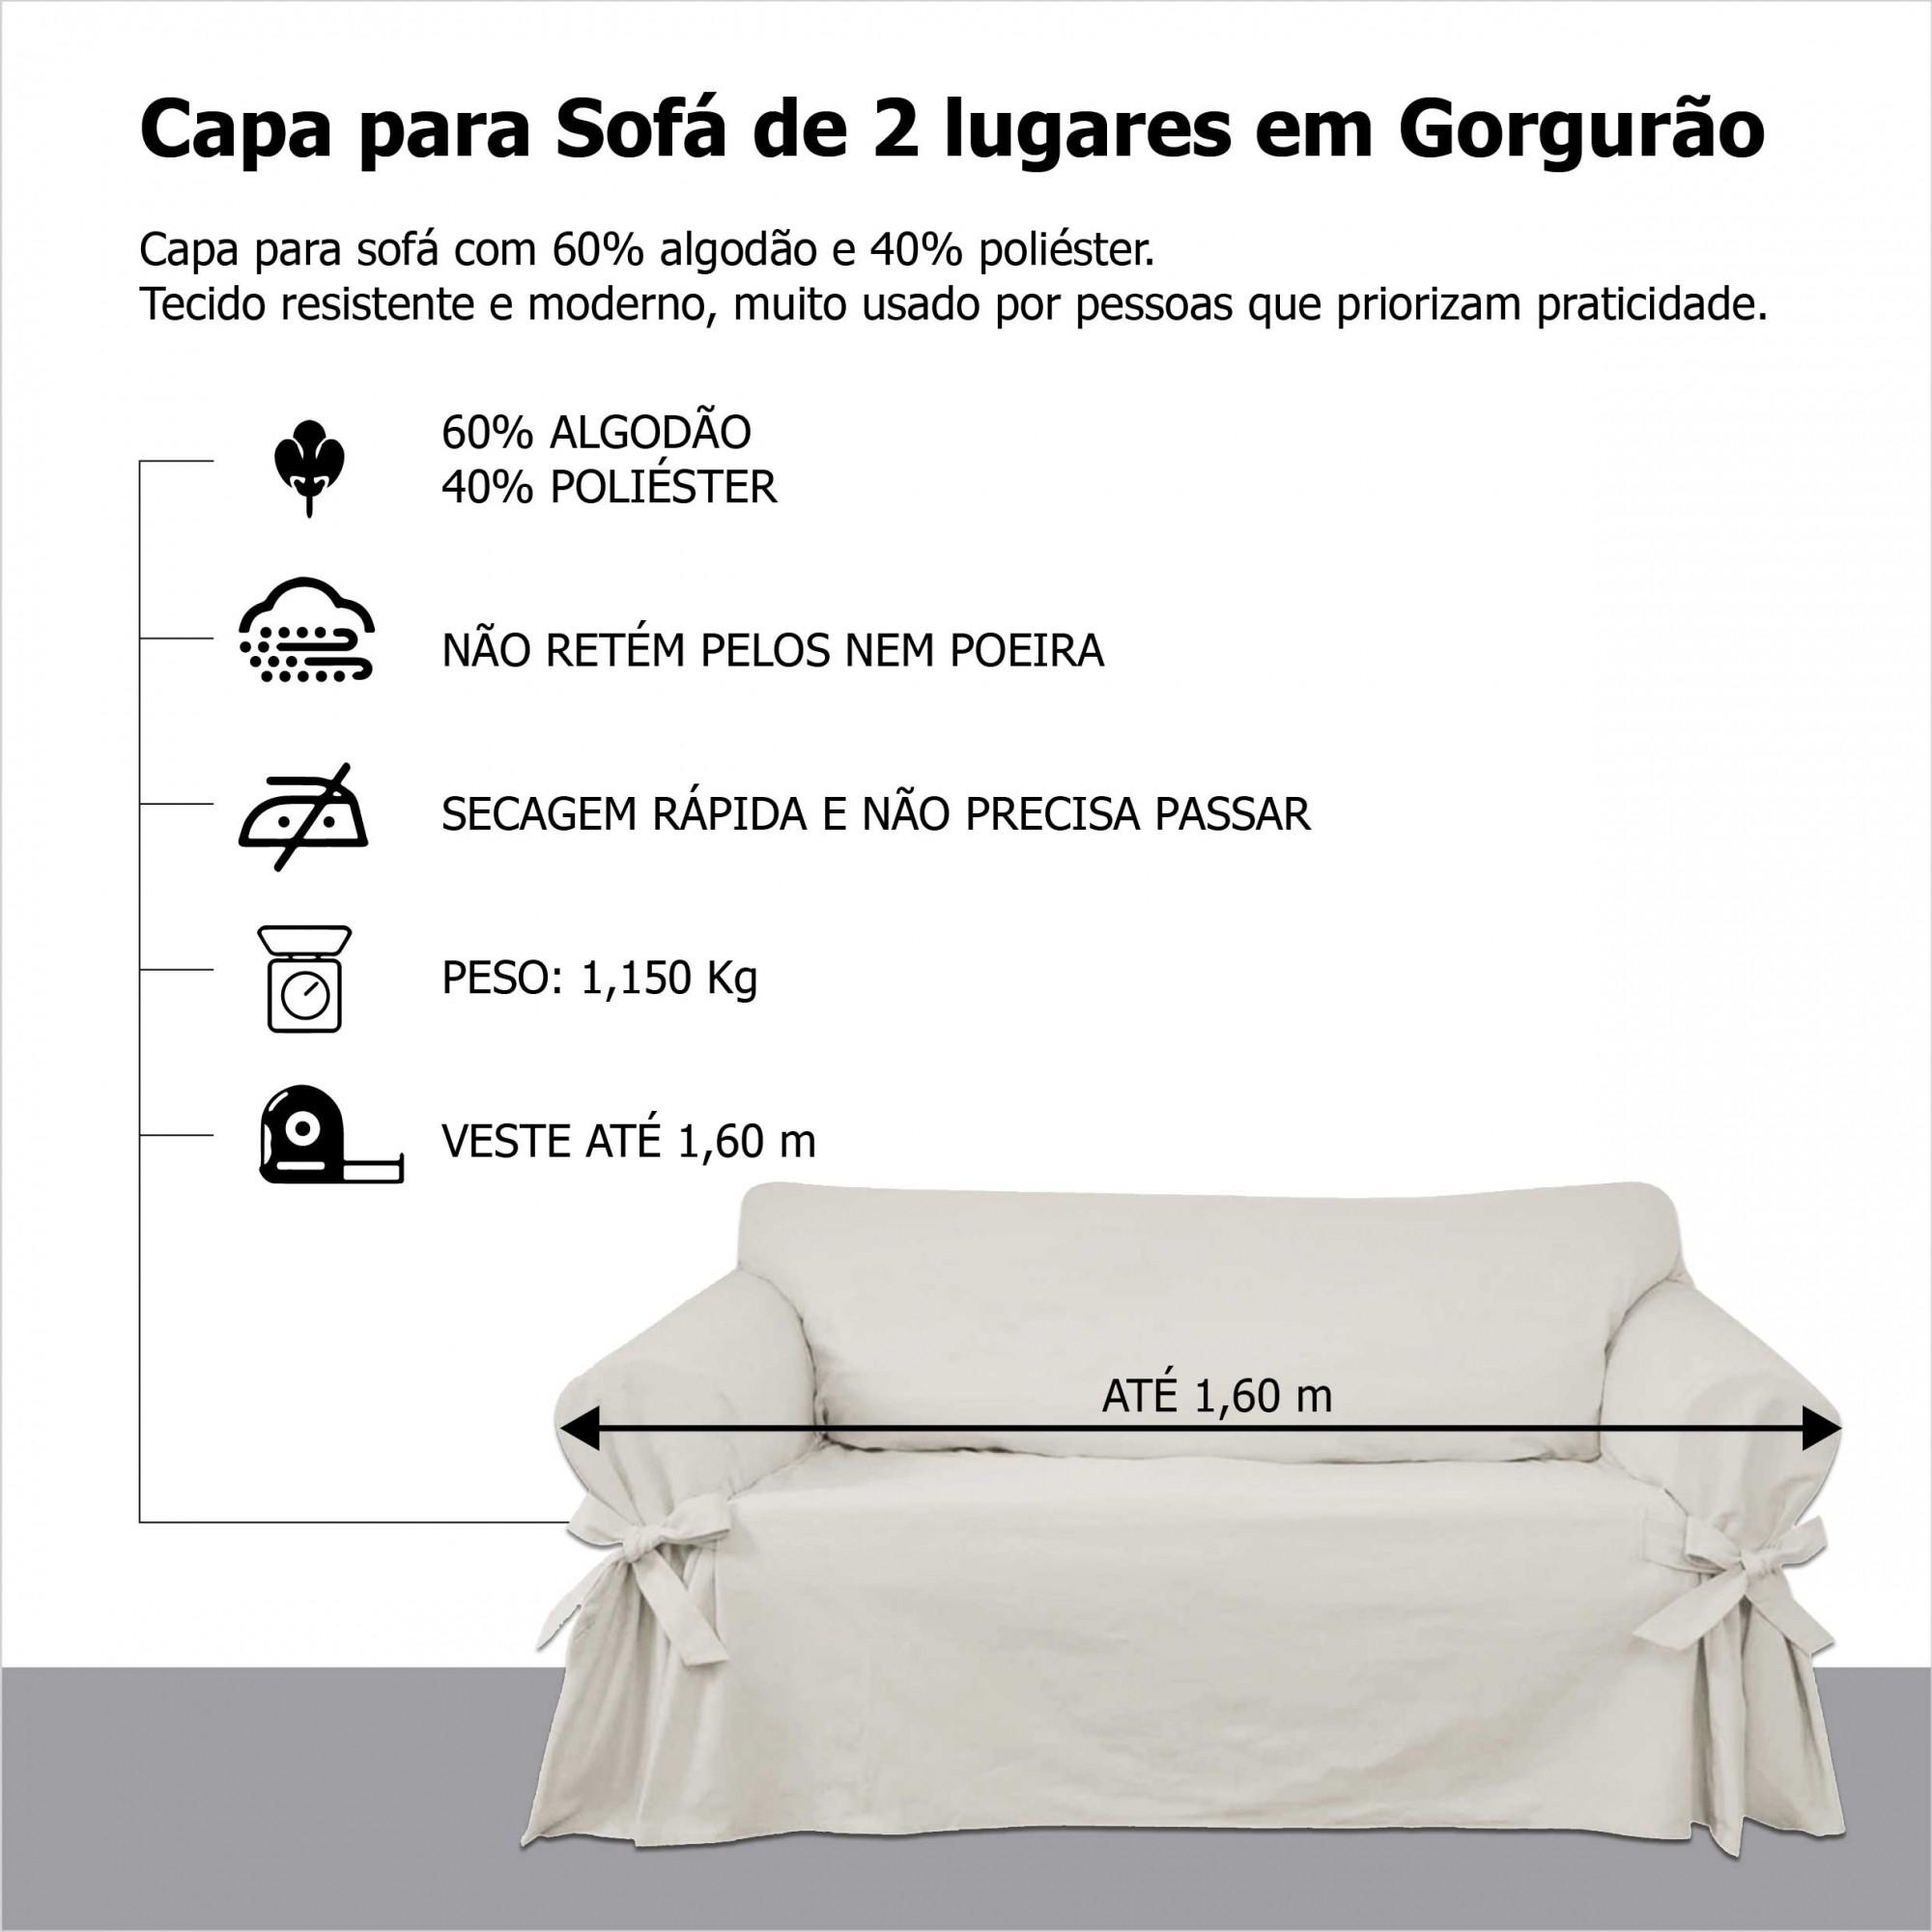 Capa p/ Sofá de 2 Lug CAQUI em Gorgurão